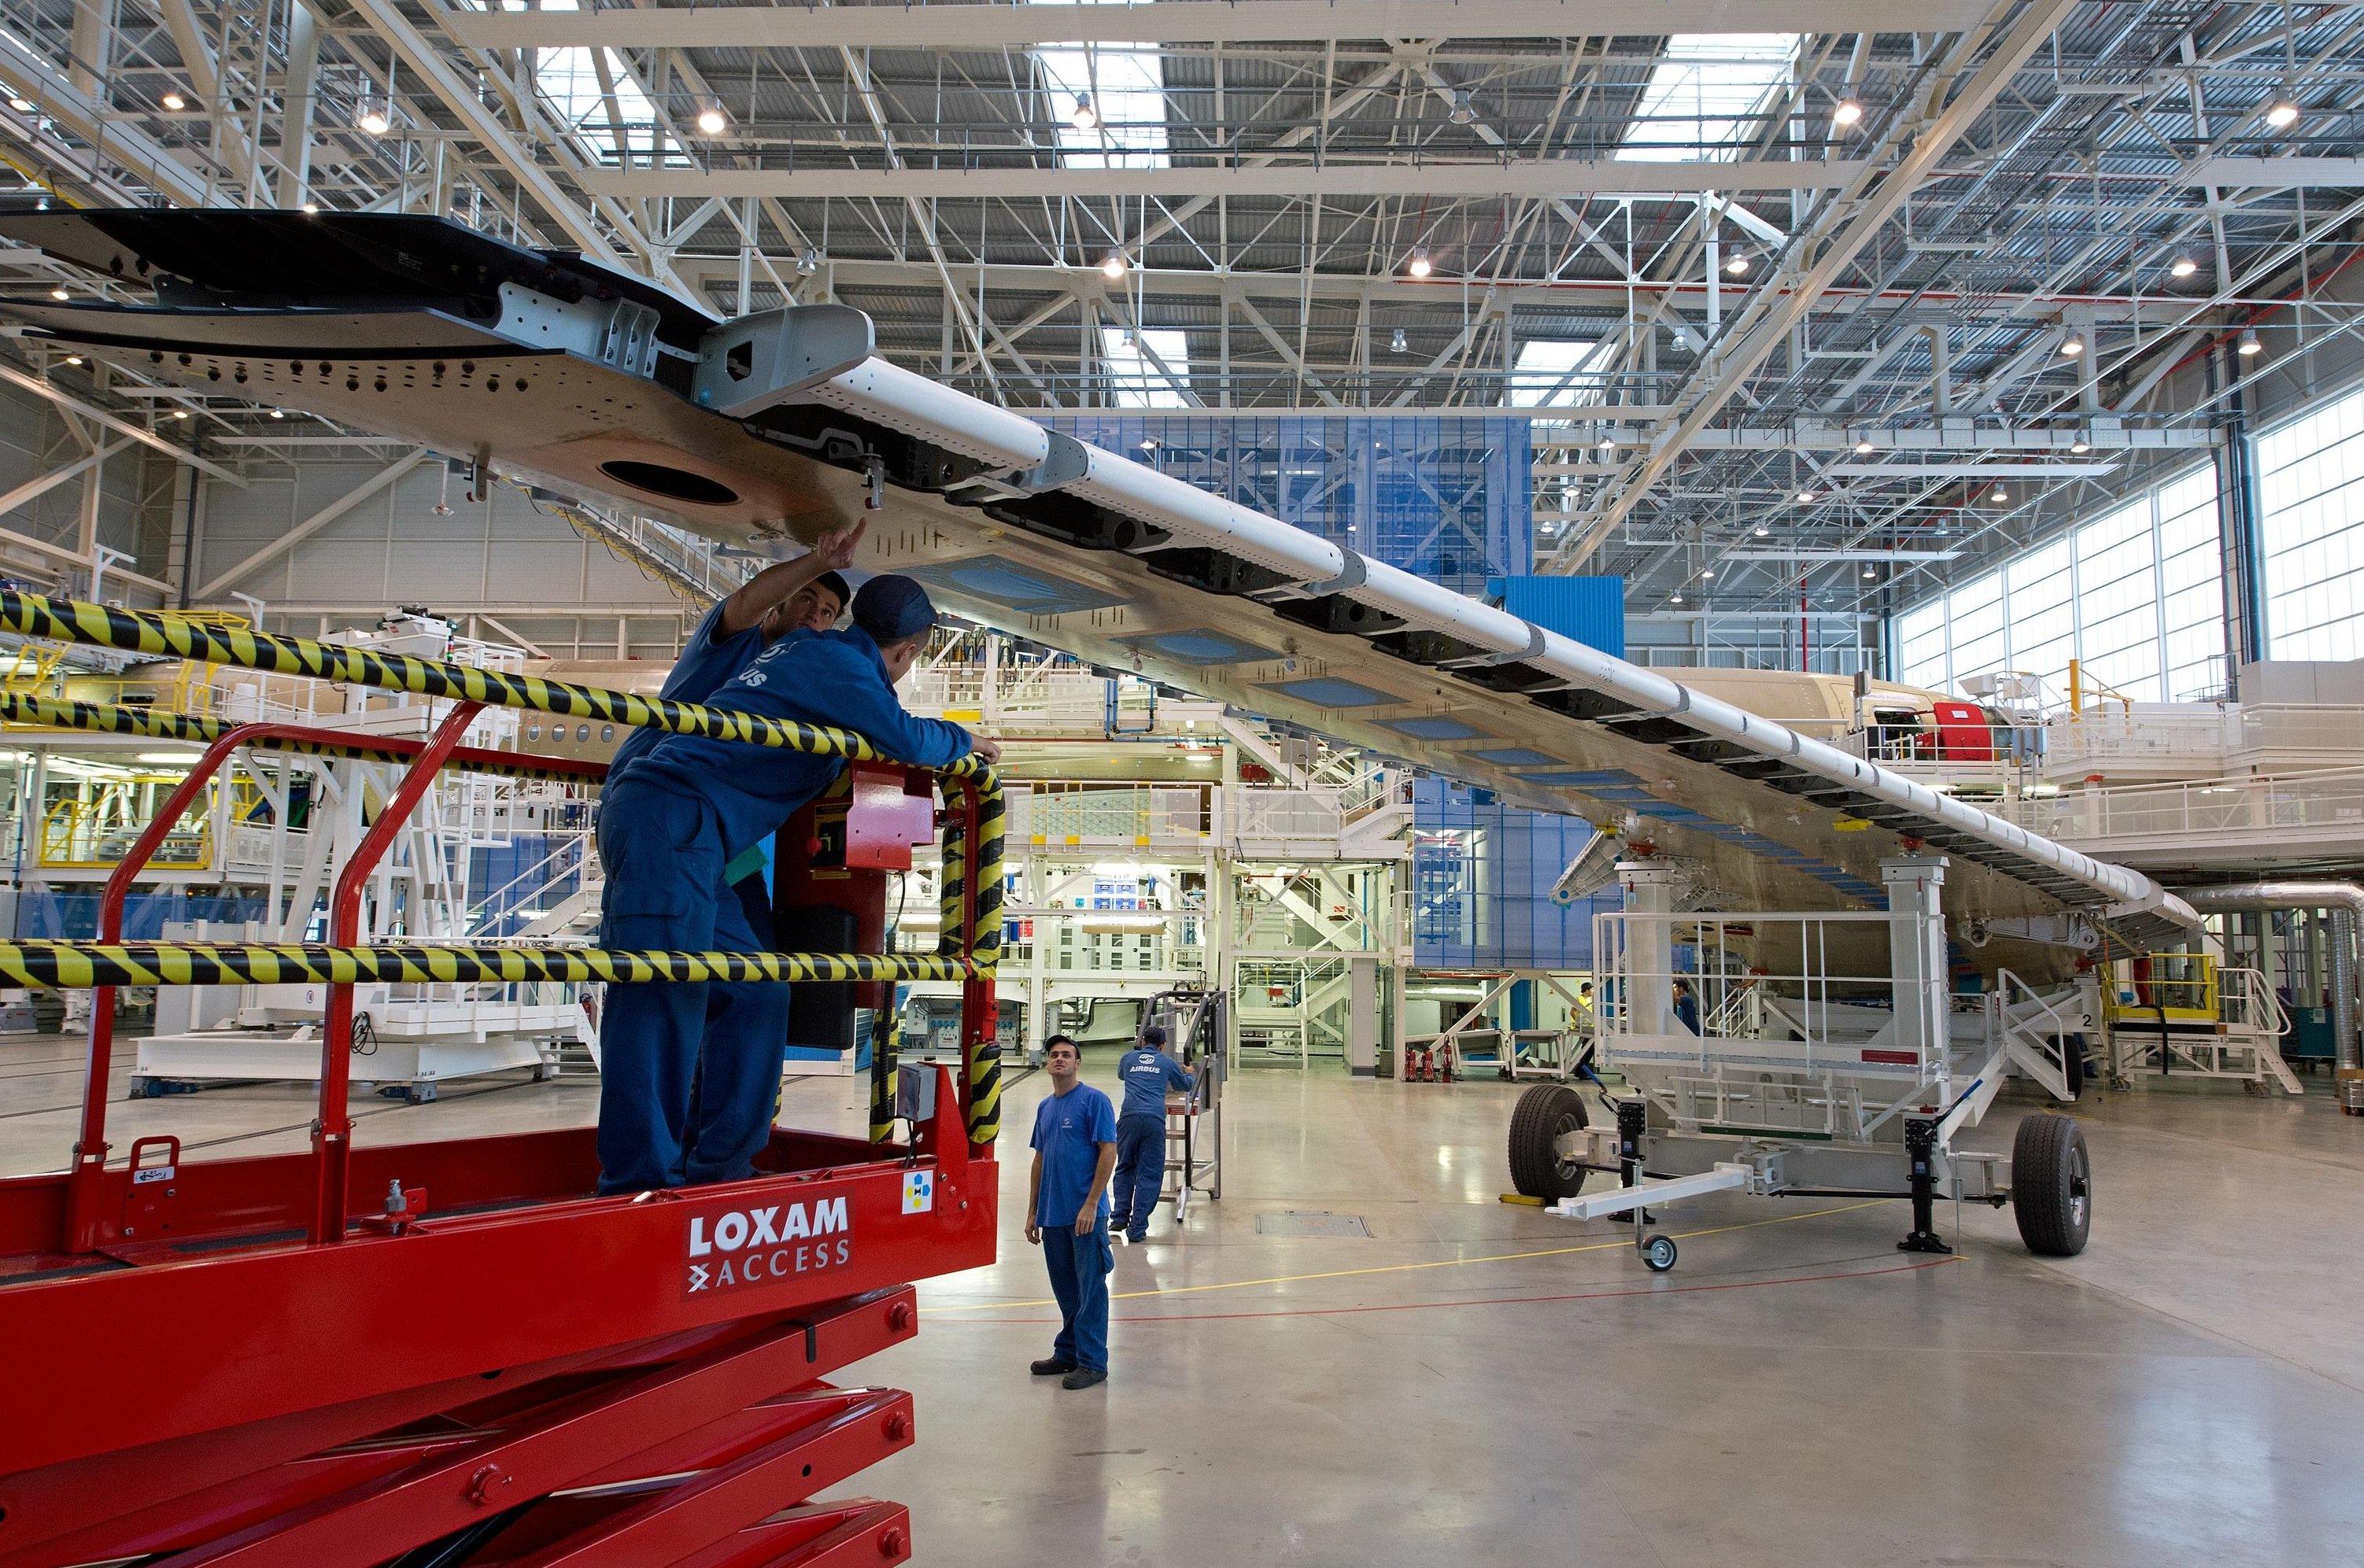 Produktion eines Flügels des Airbus A350XWB in Broughton: Chemnitzer Forscher entwickeln einen Roboter, der so gelenkig ist, dass er auch in kleinsten Hohlräumen Schrauben anbringen kann.